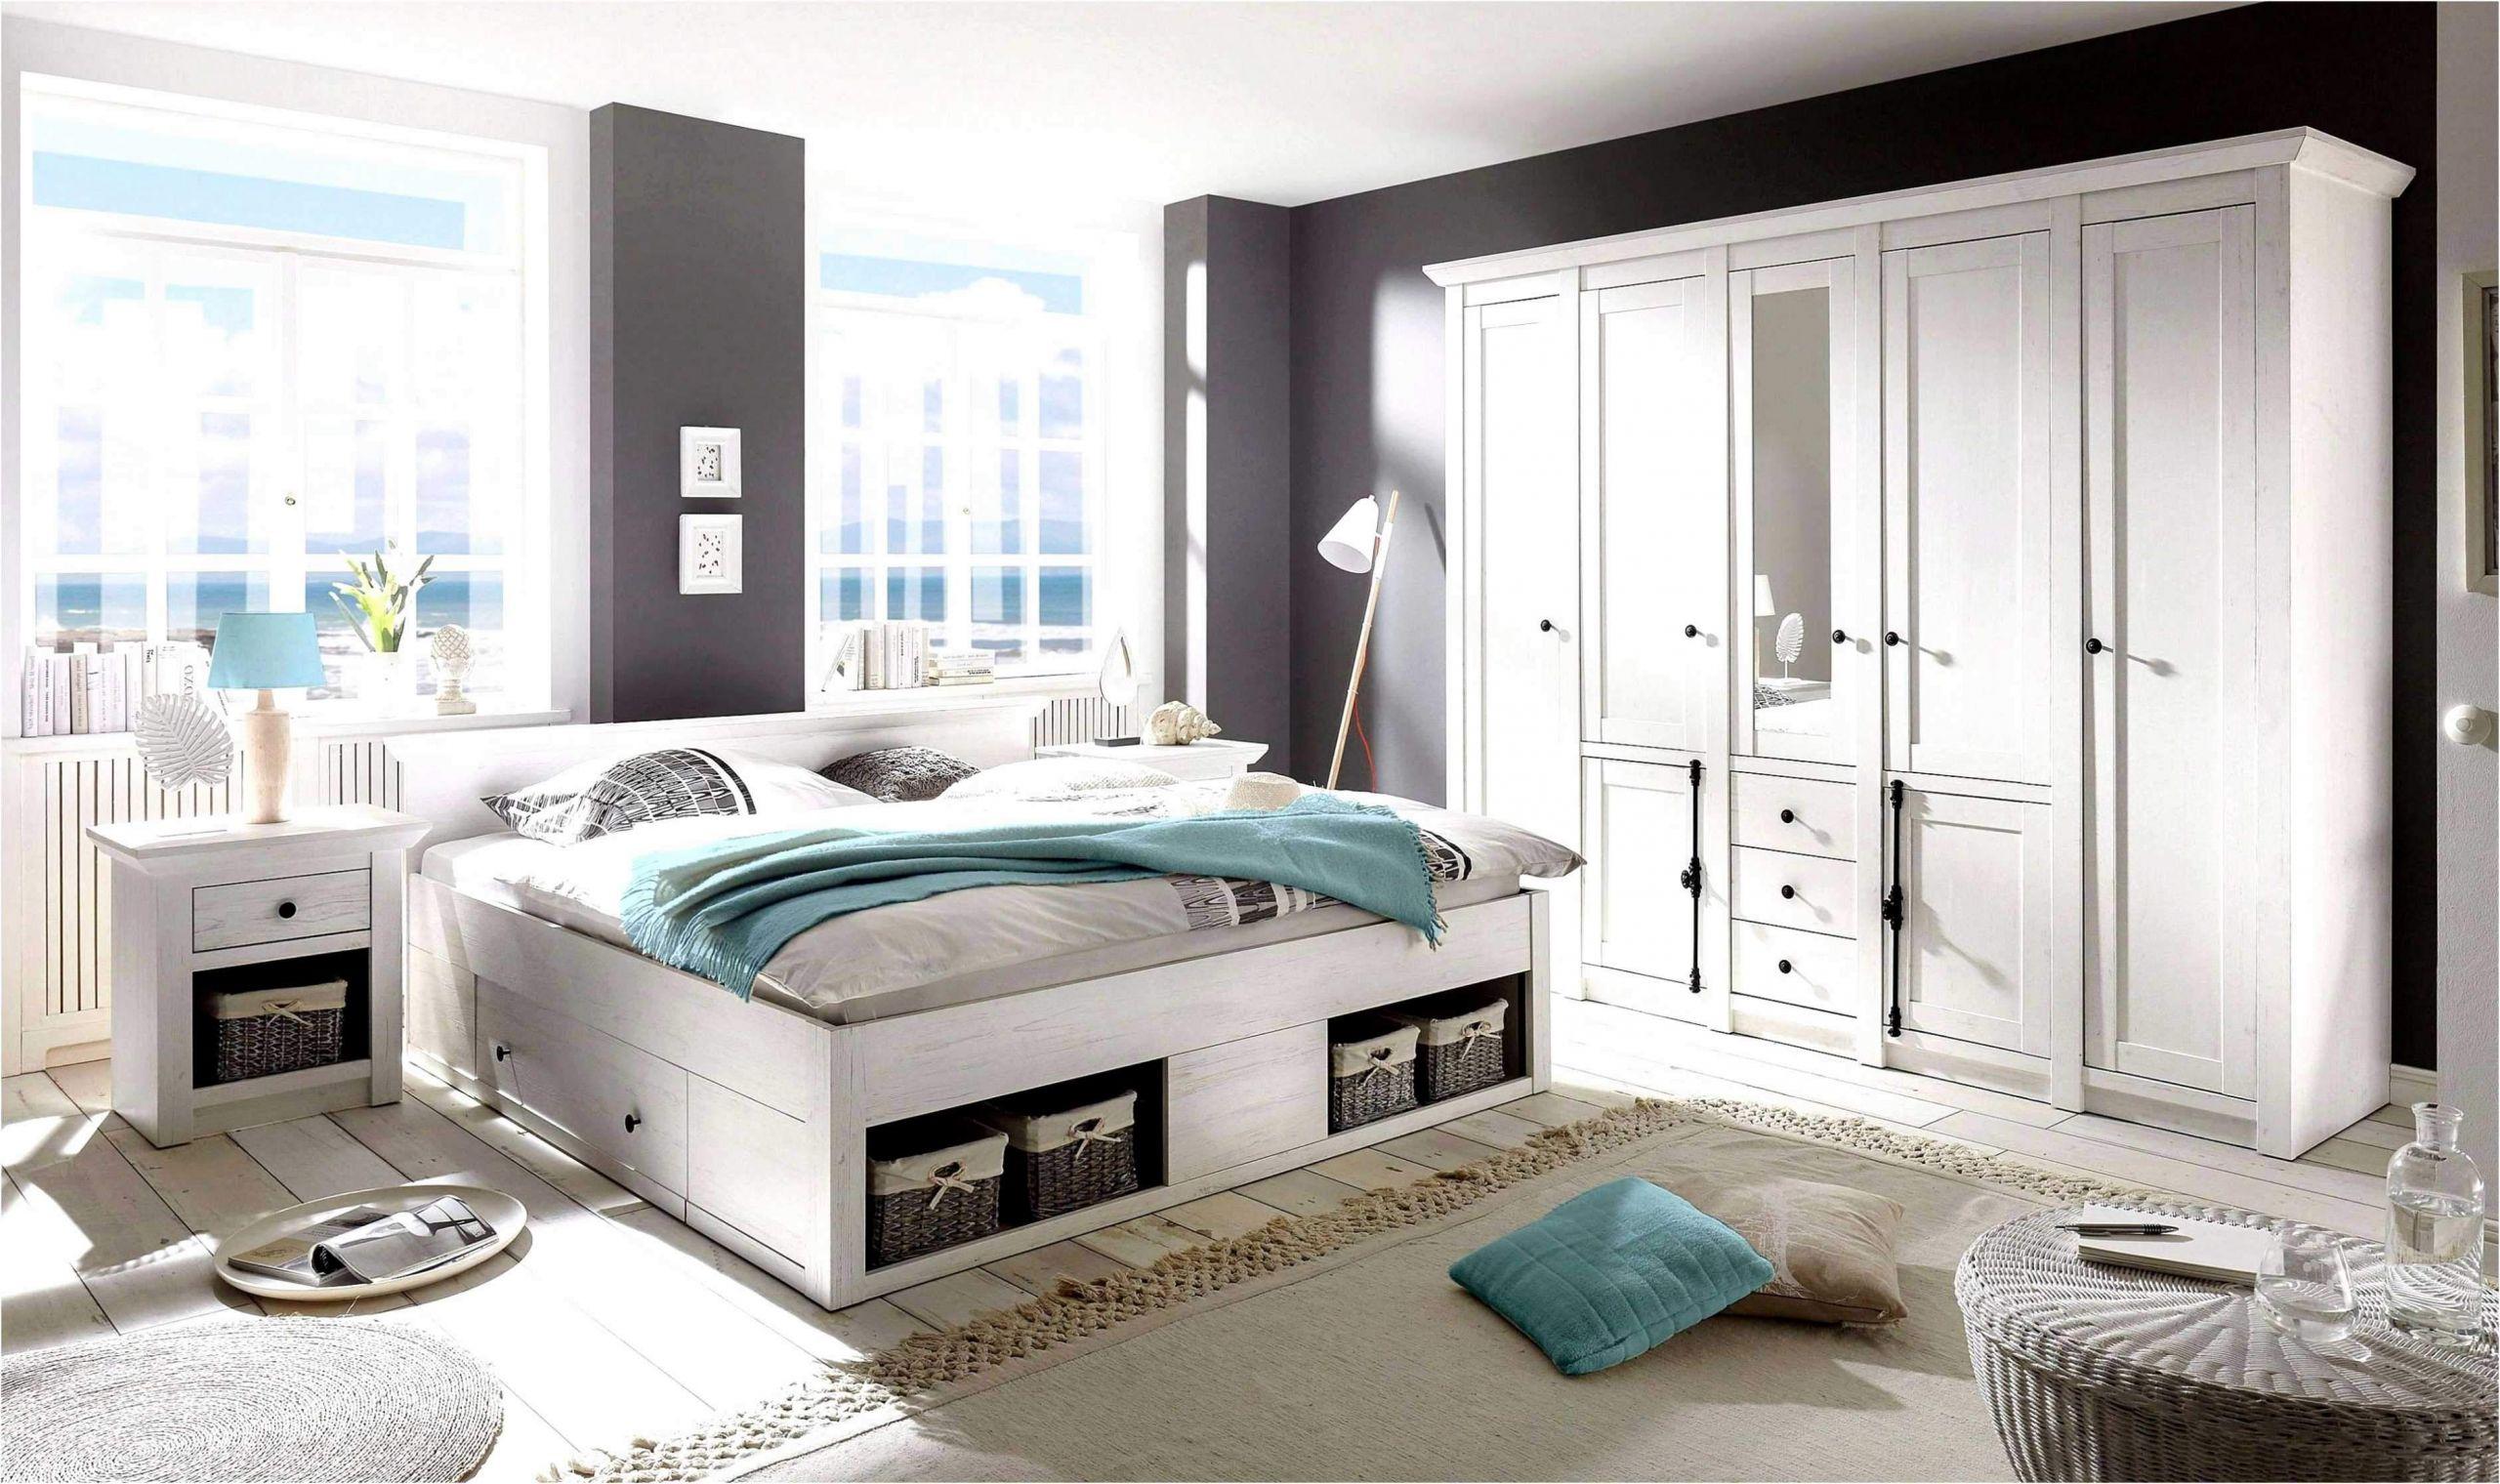 dekorationsideen wohnzimmer inspirierend wohnzimmer ideen inspirierendes wohnzimmer of dekorationsideen wohnzimmer scaled